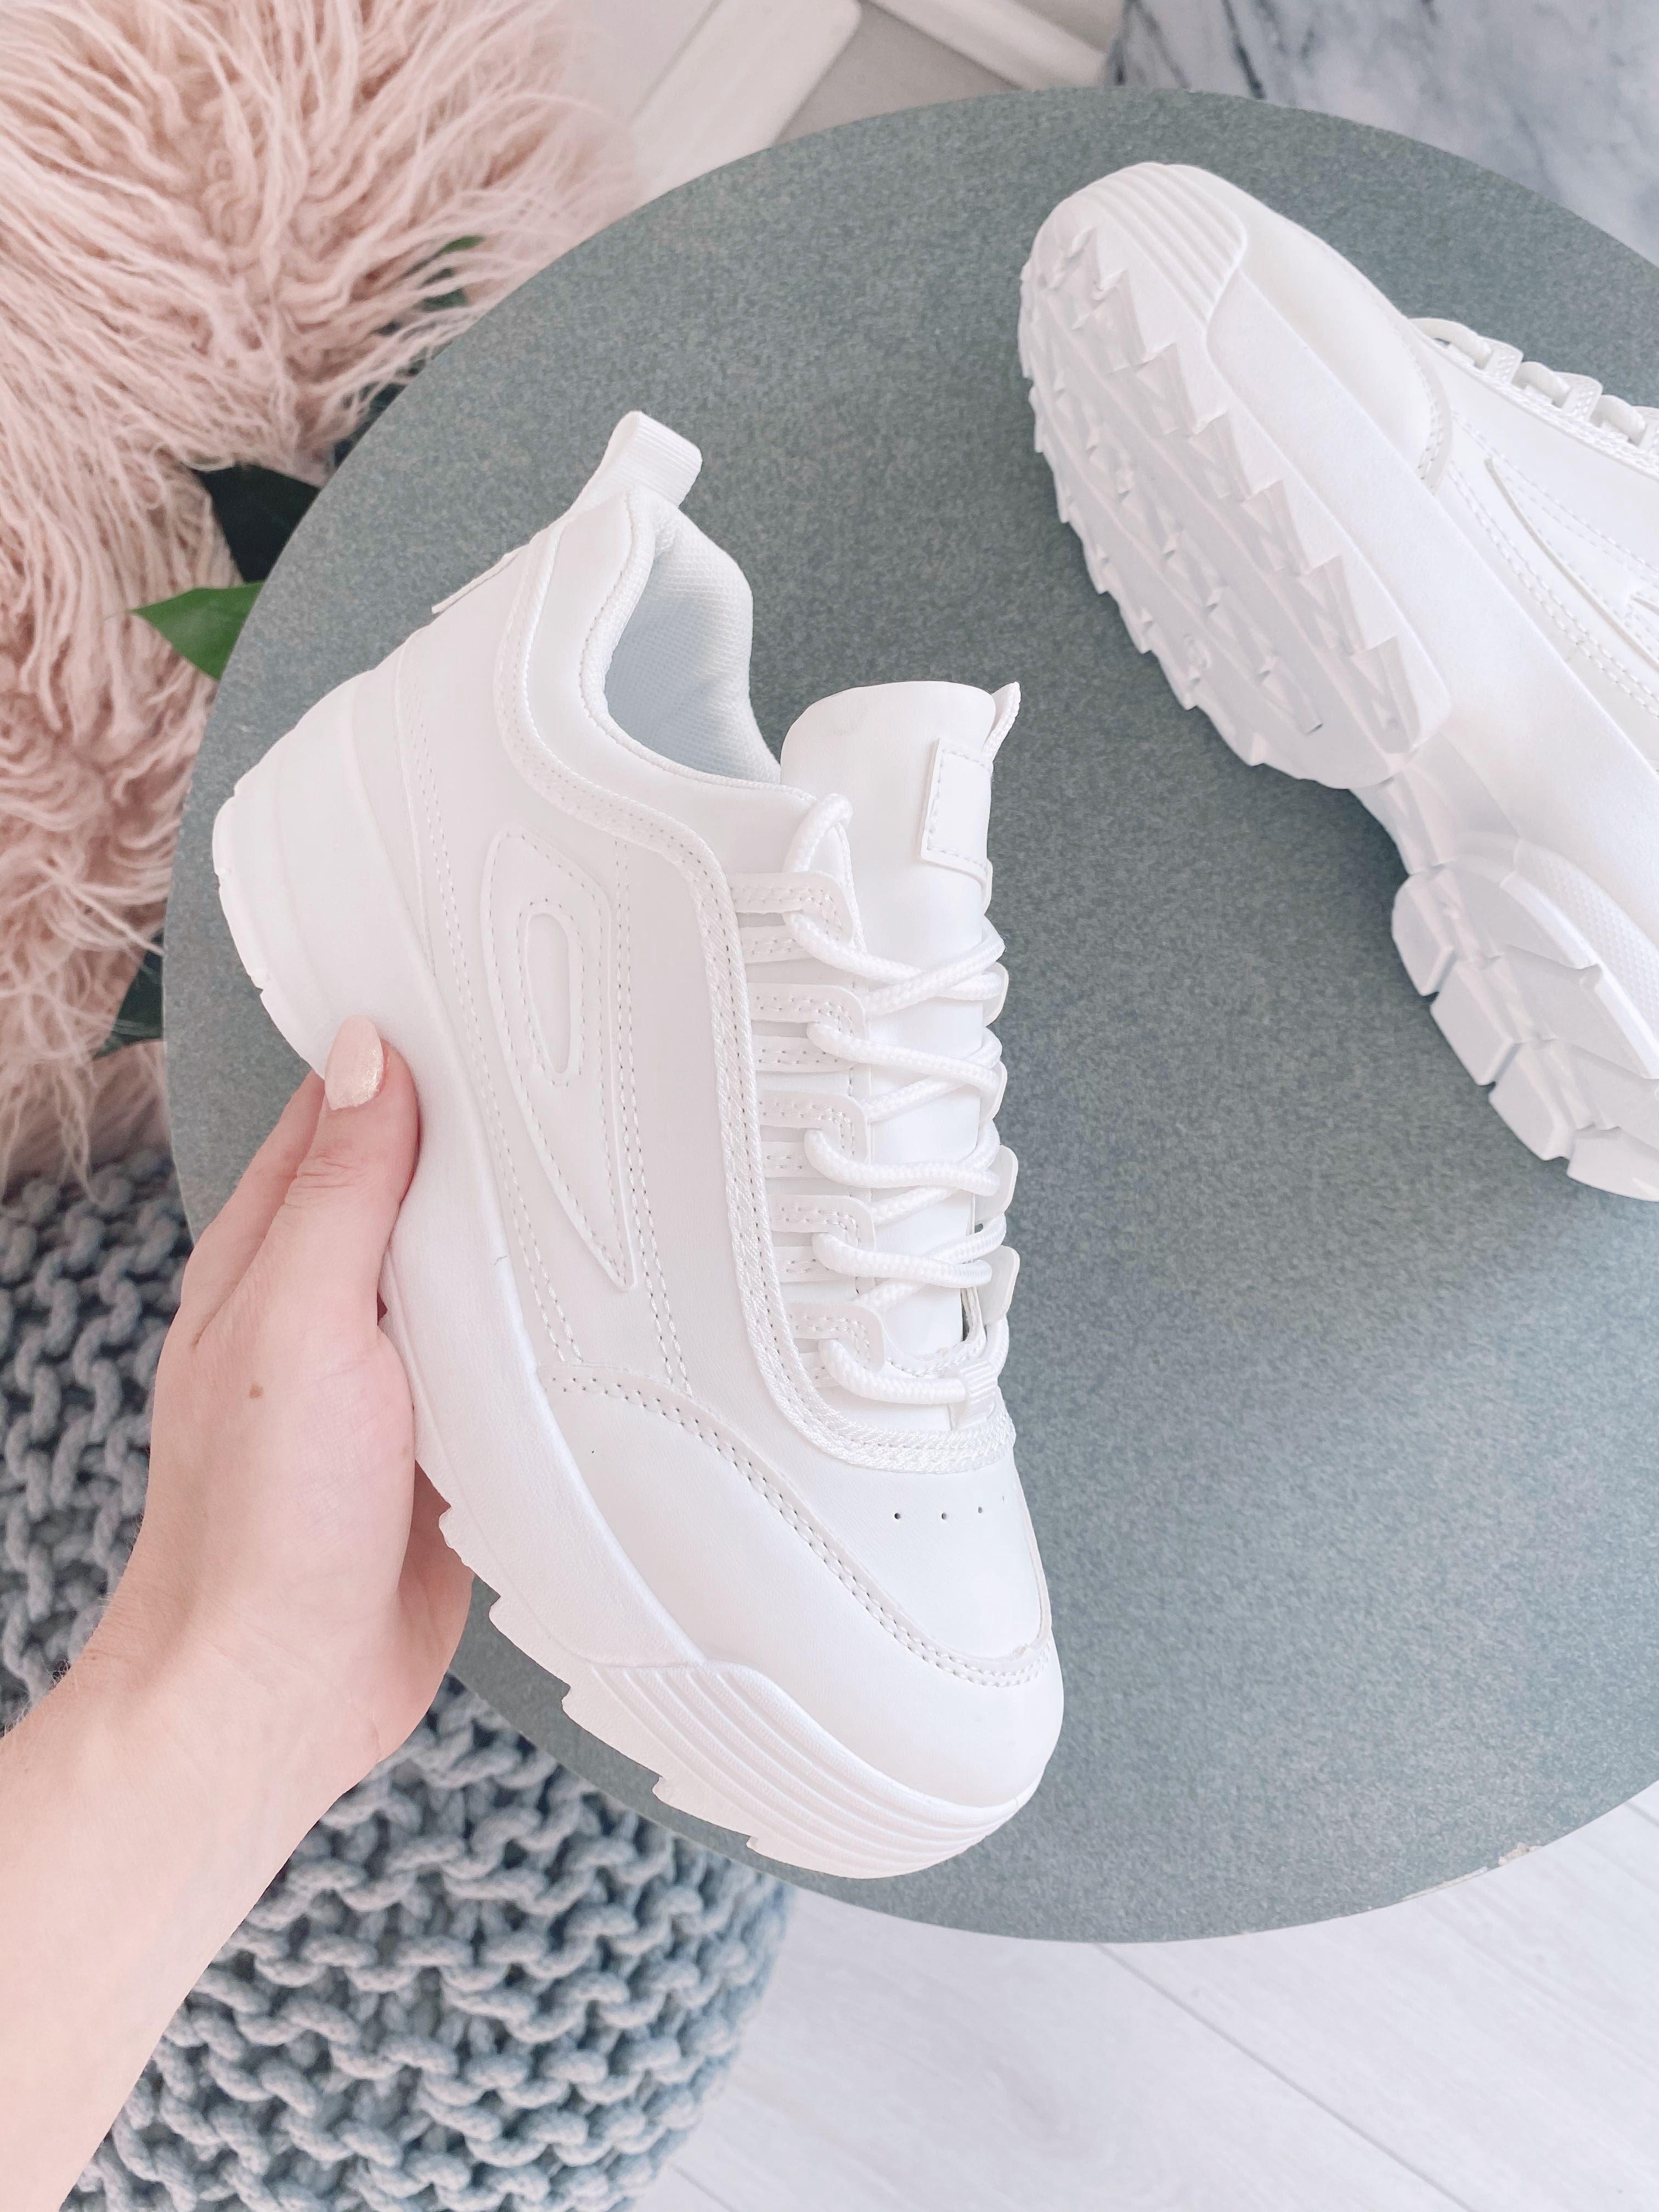 Superge BL153 white